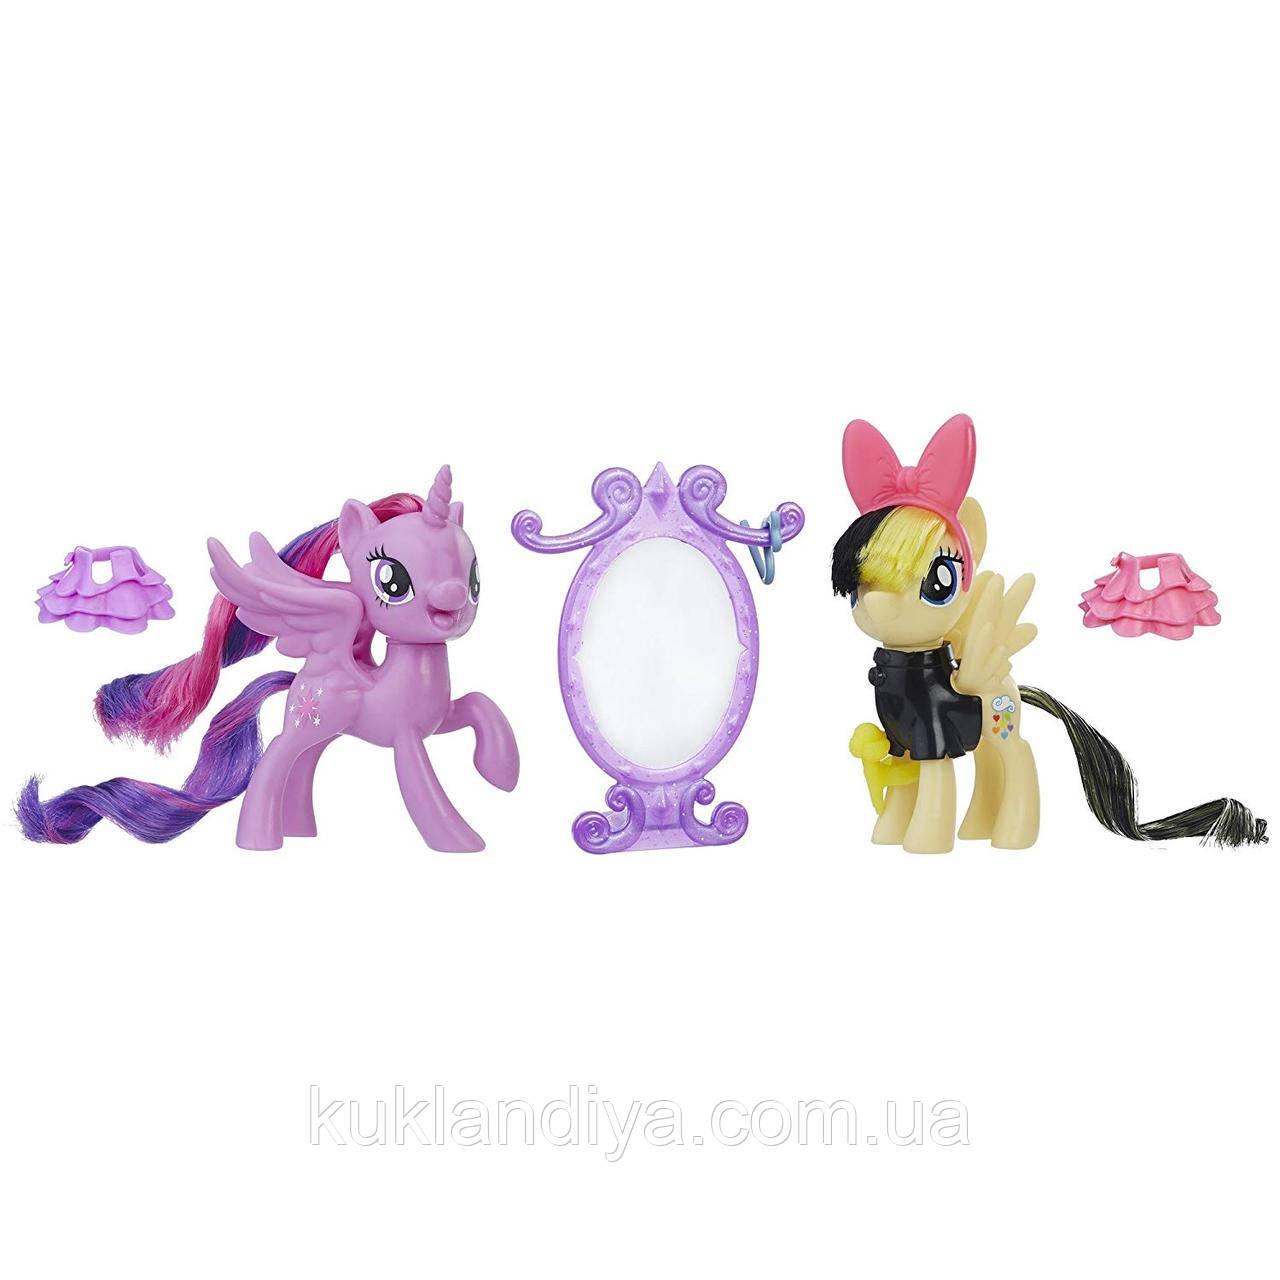 My Little Pony The Movie Поні Серенада і Твайлайт Спаркл Фестиваль дружби